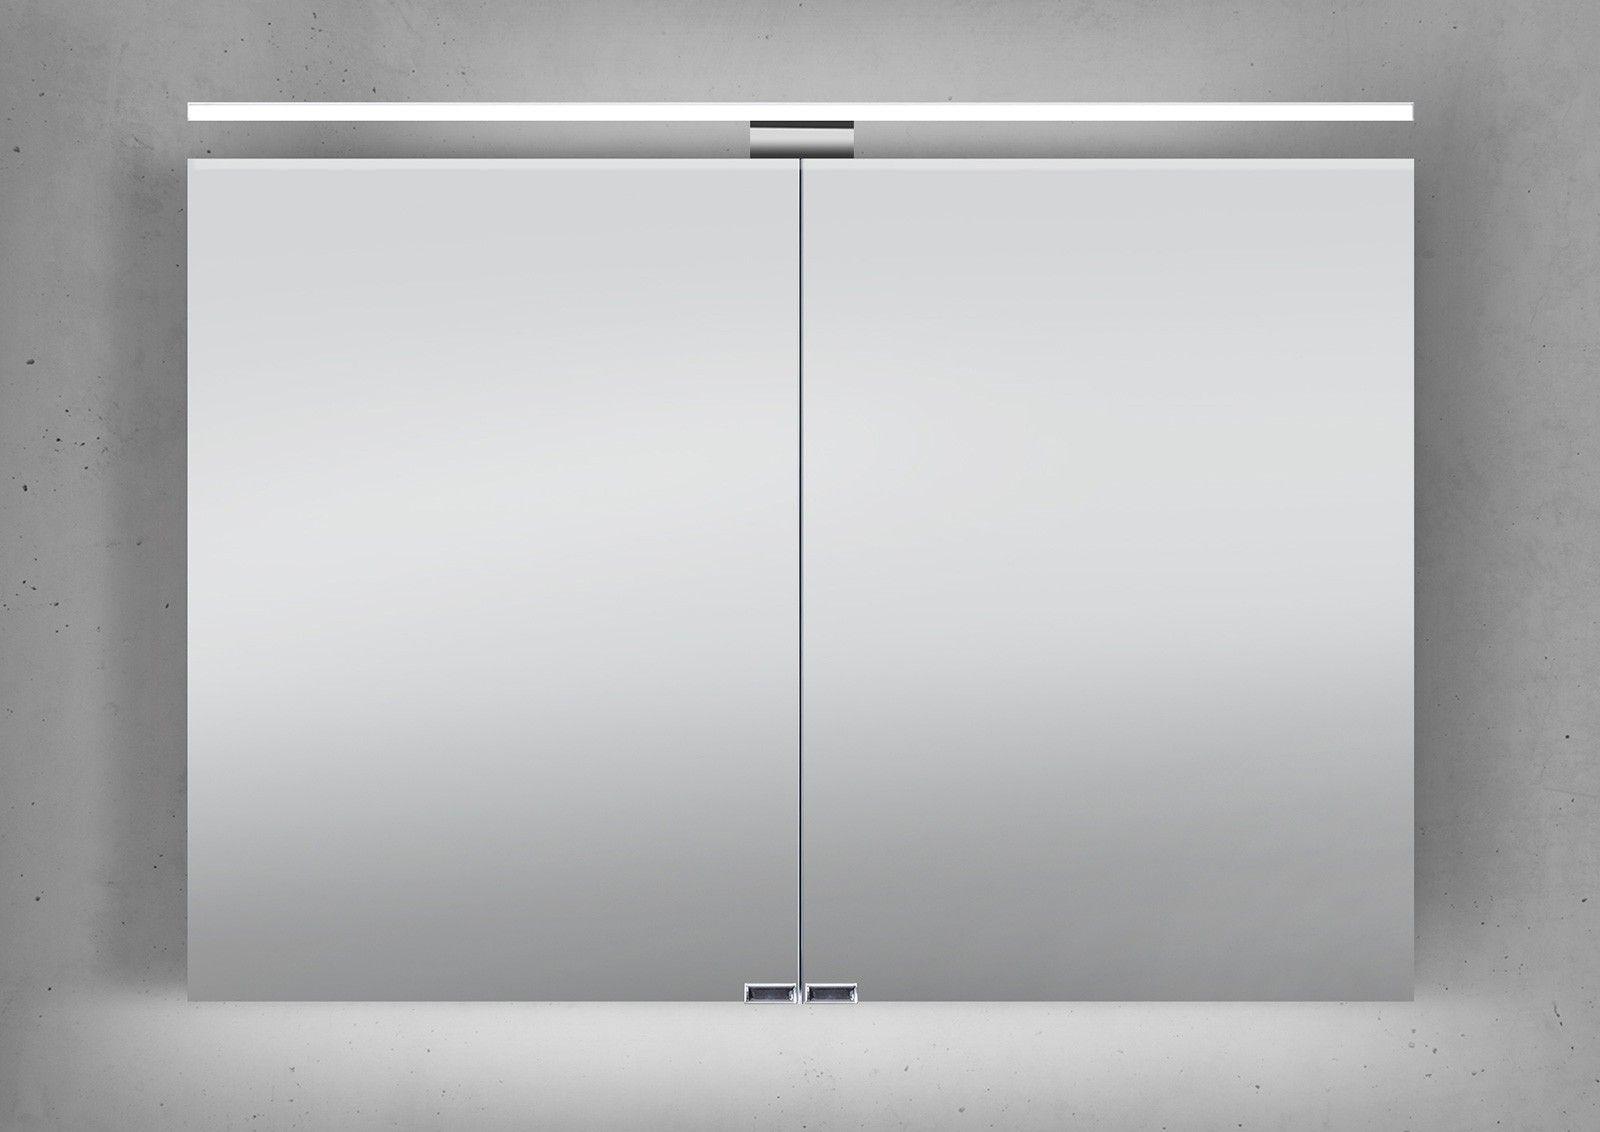 spiegelschrank 100 cm led beleuchtung doppelseitig verspiegelt ... - Badezimmer Spiegelschränke Mit Beleuchtung